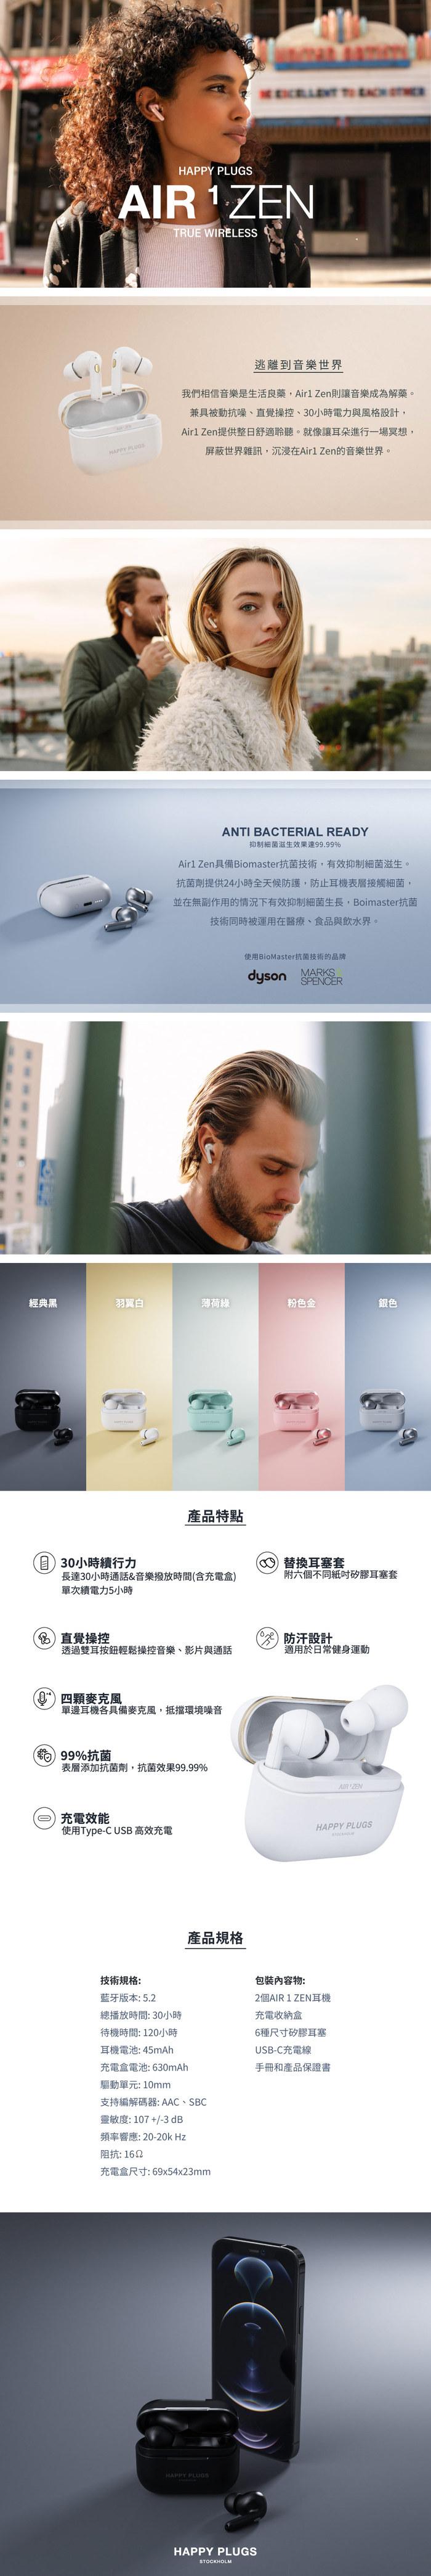 (複製)Happy Plugs|Air 1 Plus Earbud 耳塞式真無線藍芽耳機-香檳金Gold